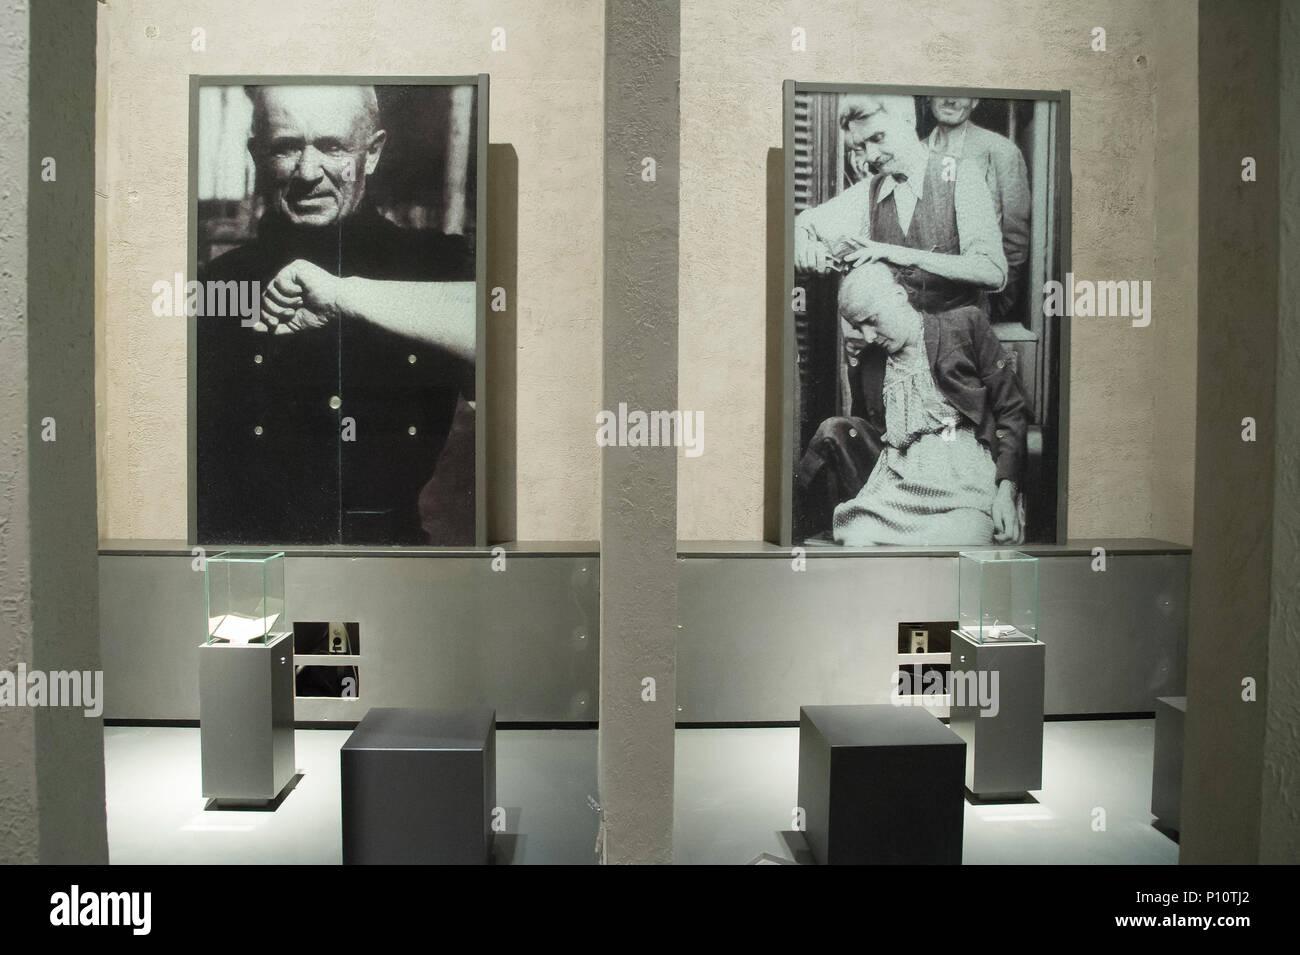 Nach dem Krieg Scherkopf Strafe für Frauen beschuldigt der Kollaboration mit Deutschen als Teil der exhibion im Museum des Zweiten Weltkriegs in Danzig, Po Stockbild